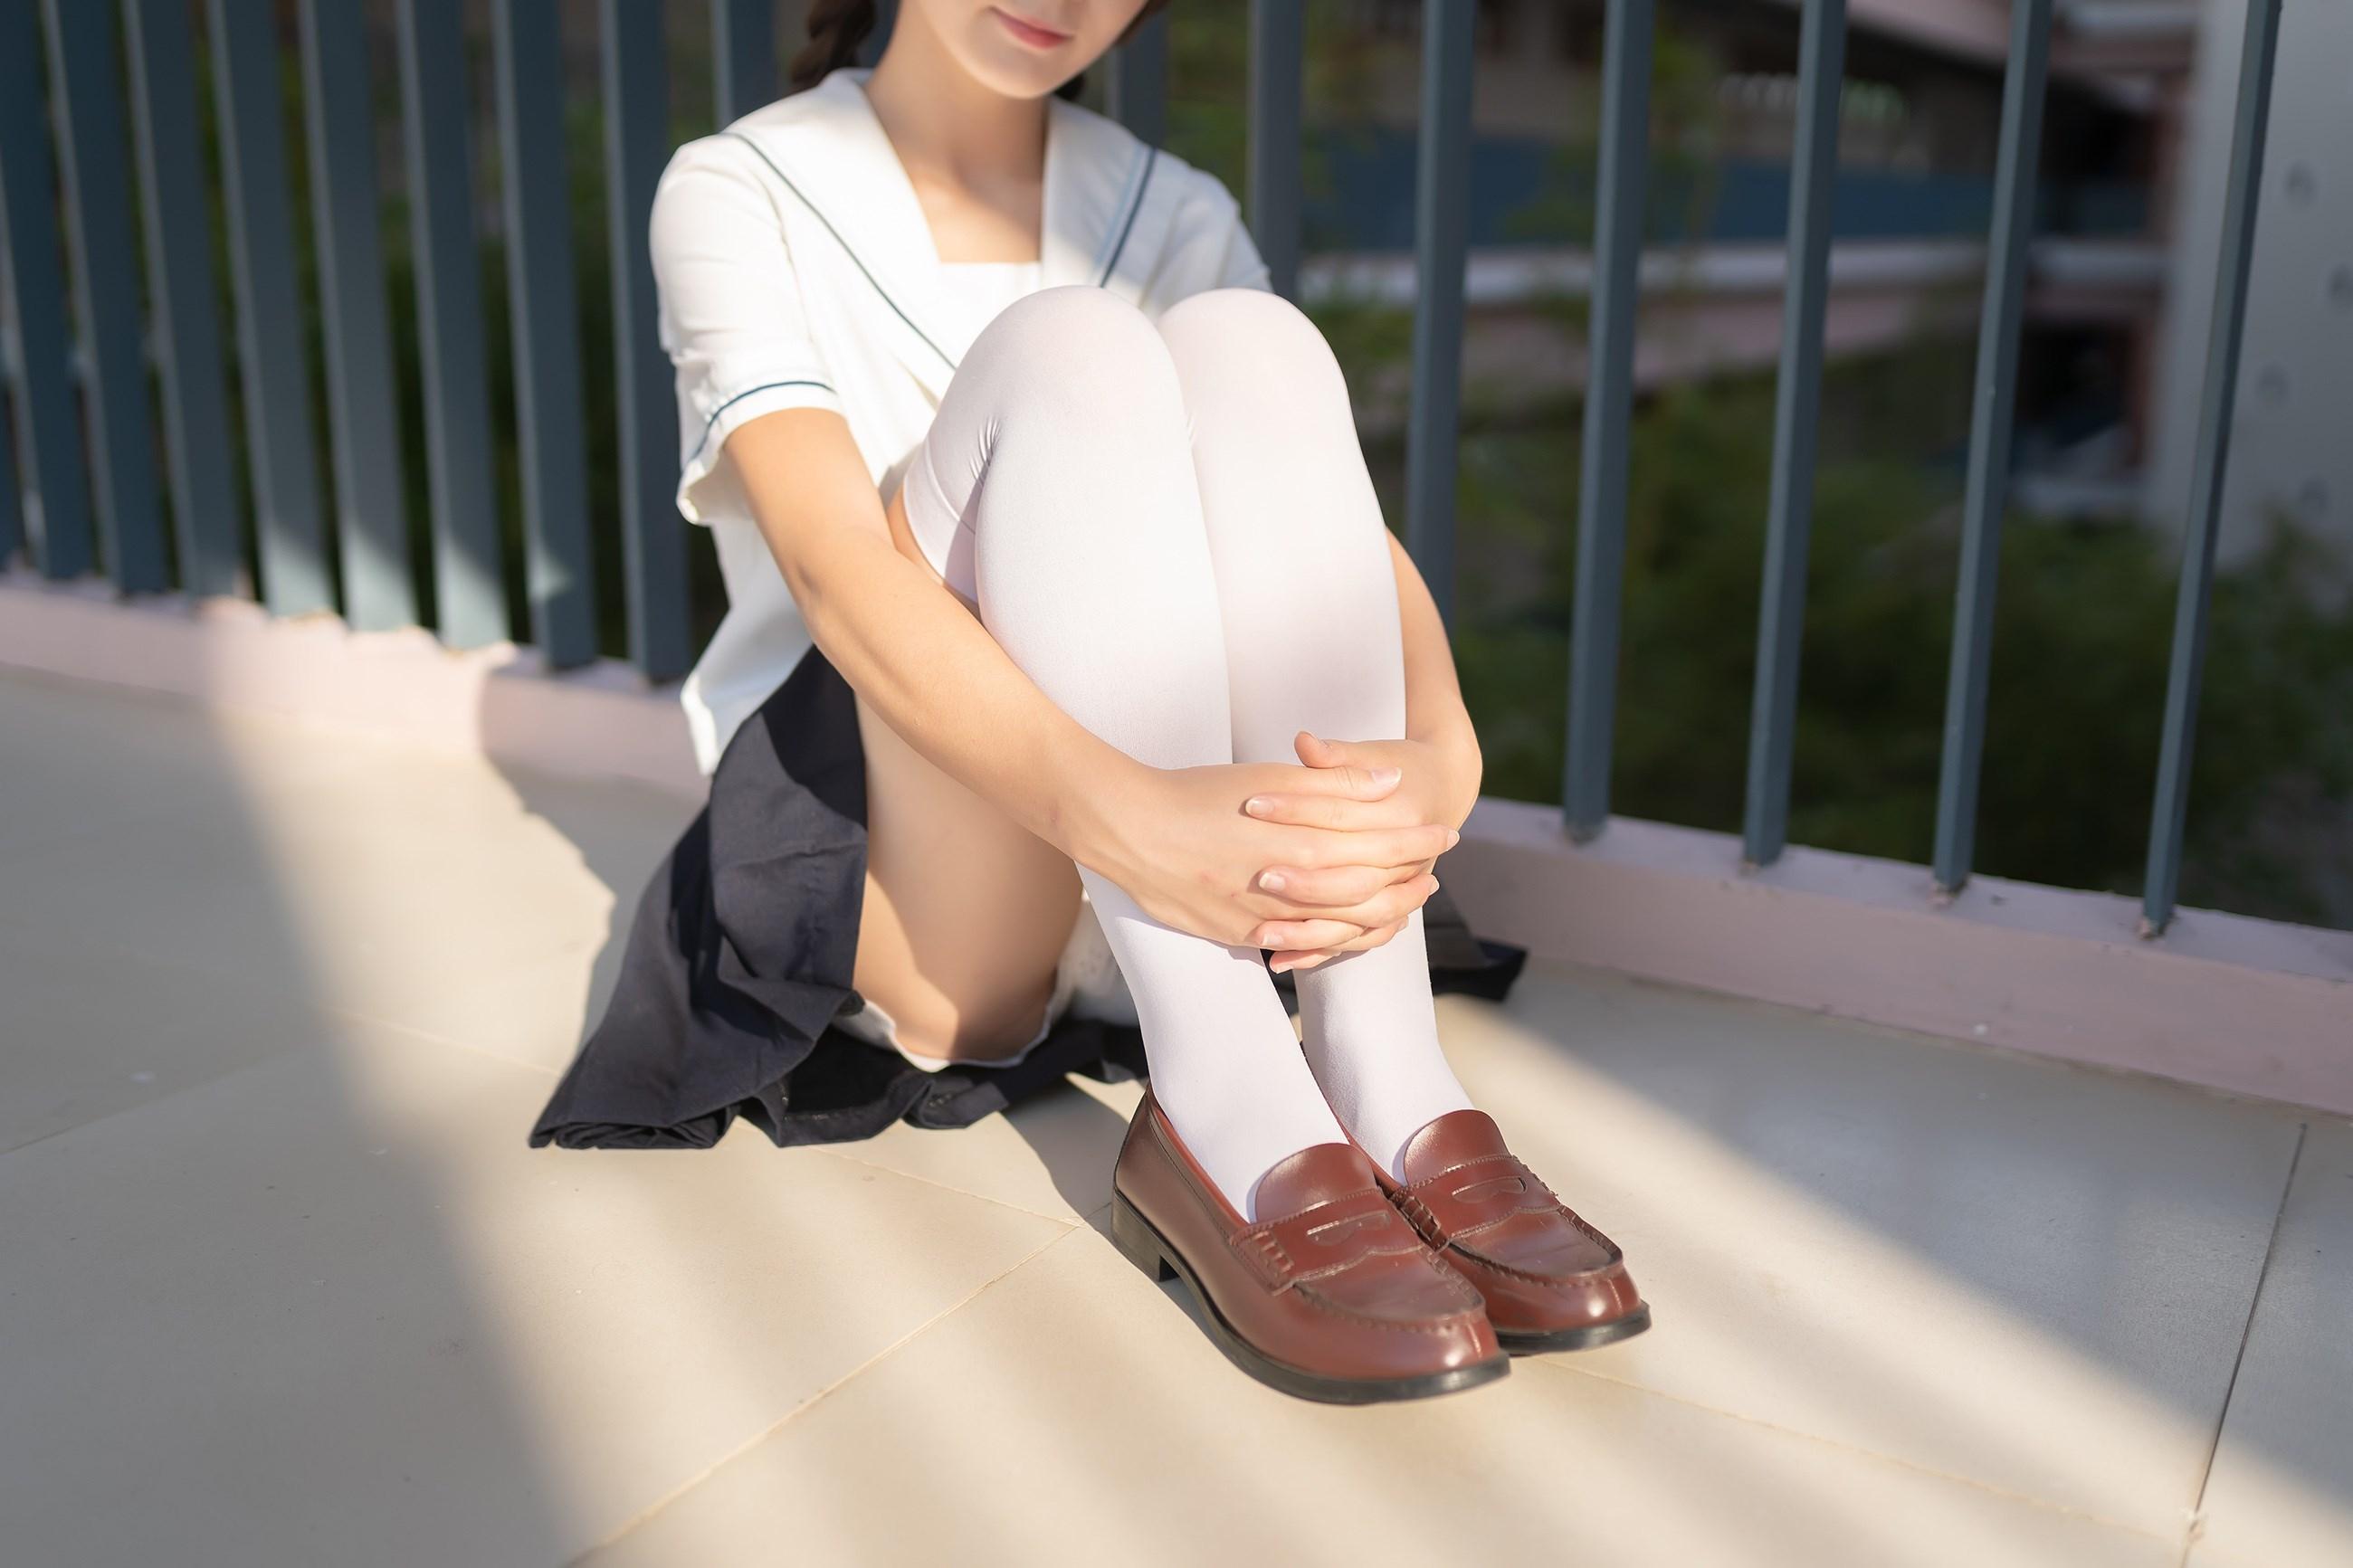 【兔玩映画】楼梯上的白丝少女 兔玩映画 第9张